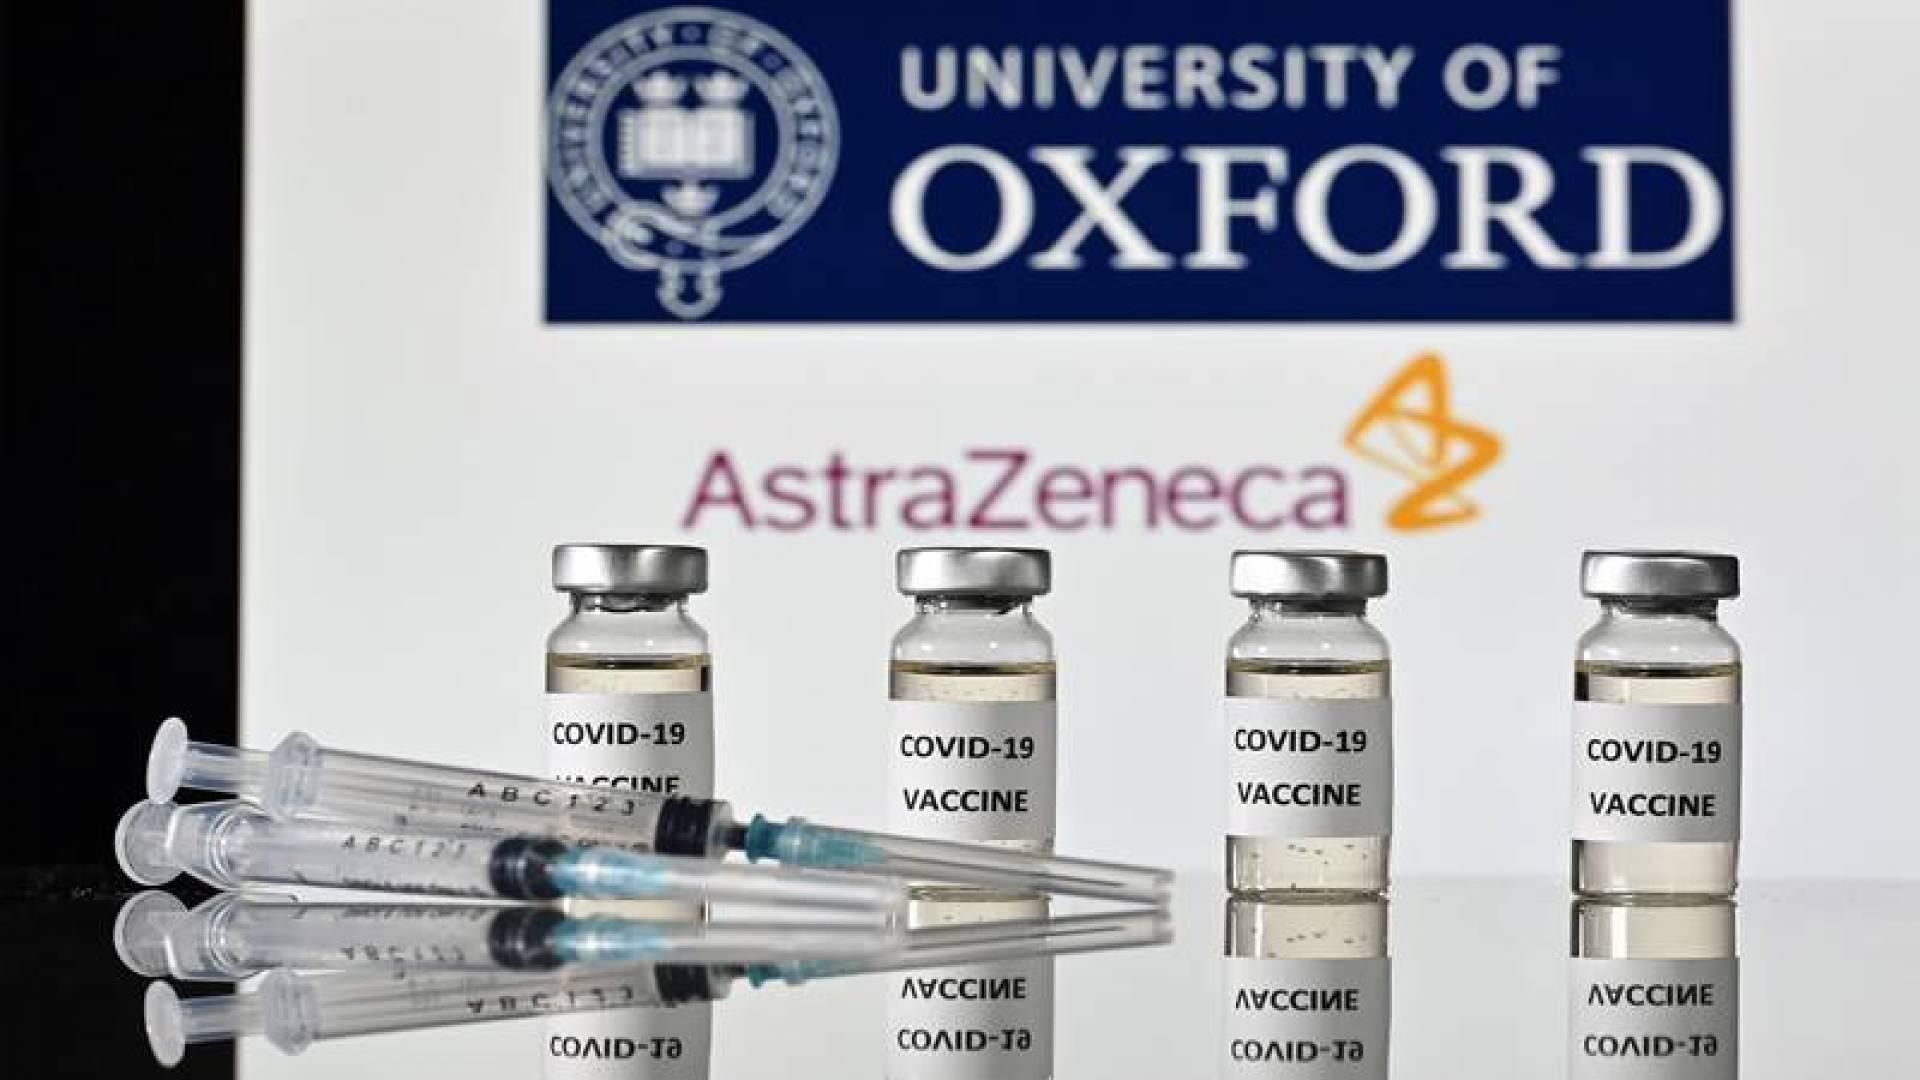 «أسترازينيكا»: عقار بديل عن اللقاح